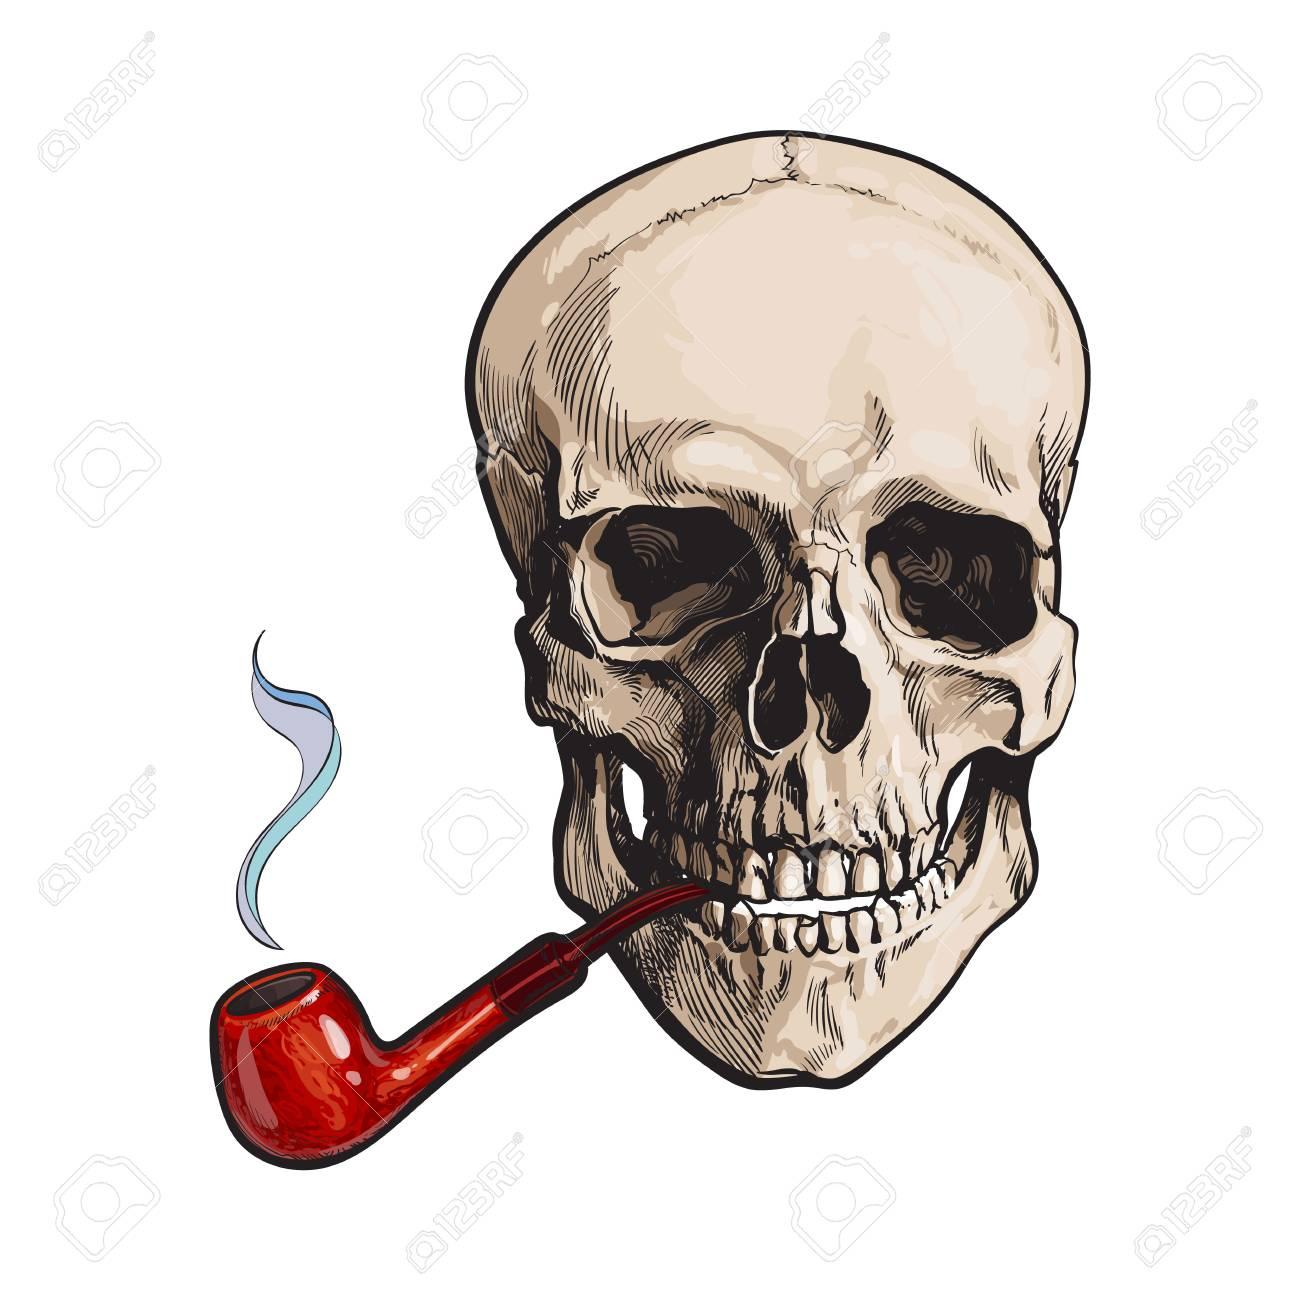 Dé El Tubo De Madera Laqueado Que Fuma Del Cráneo Humano, Ejemplo ...